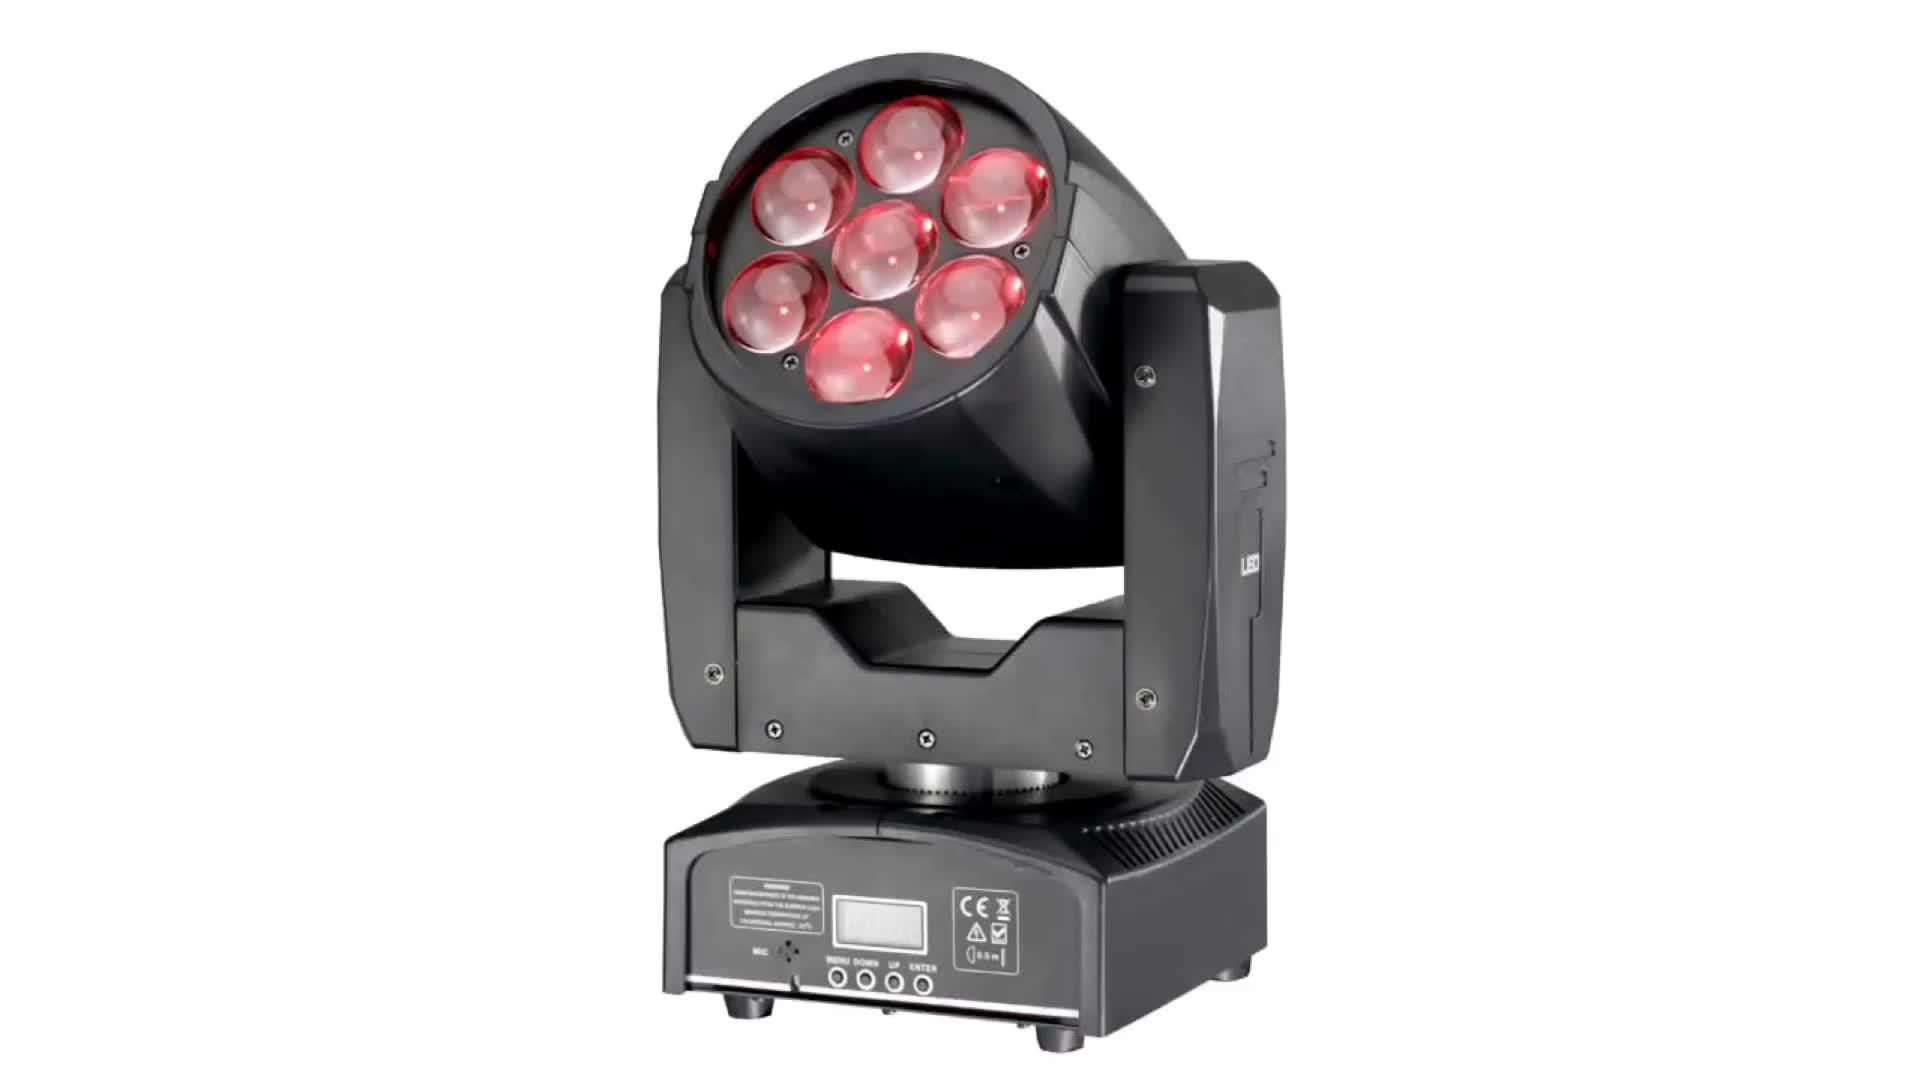 DJ Club mini stage light 7*12w rgbw dmx zoom led moving head